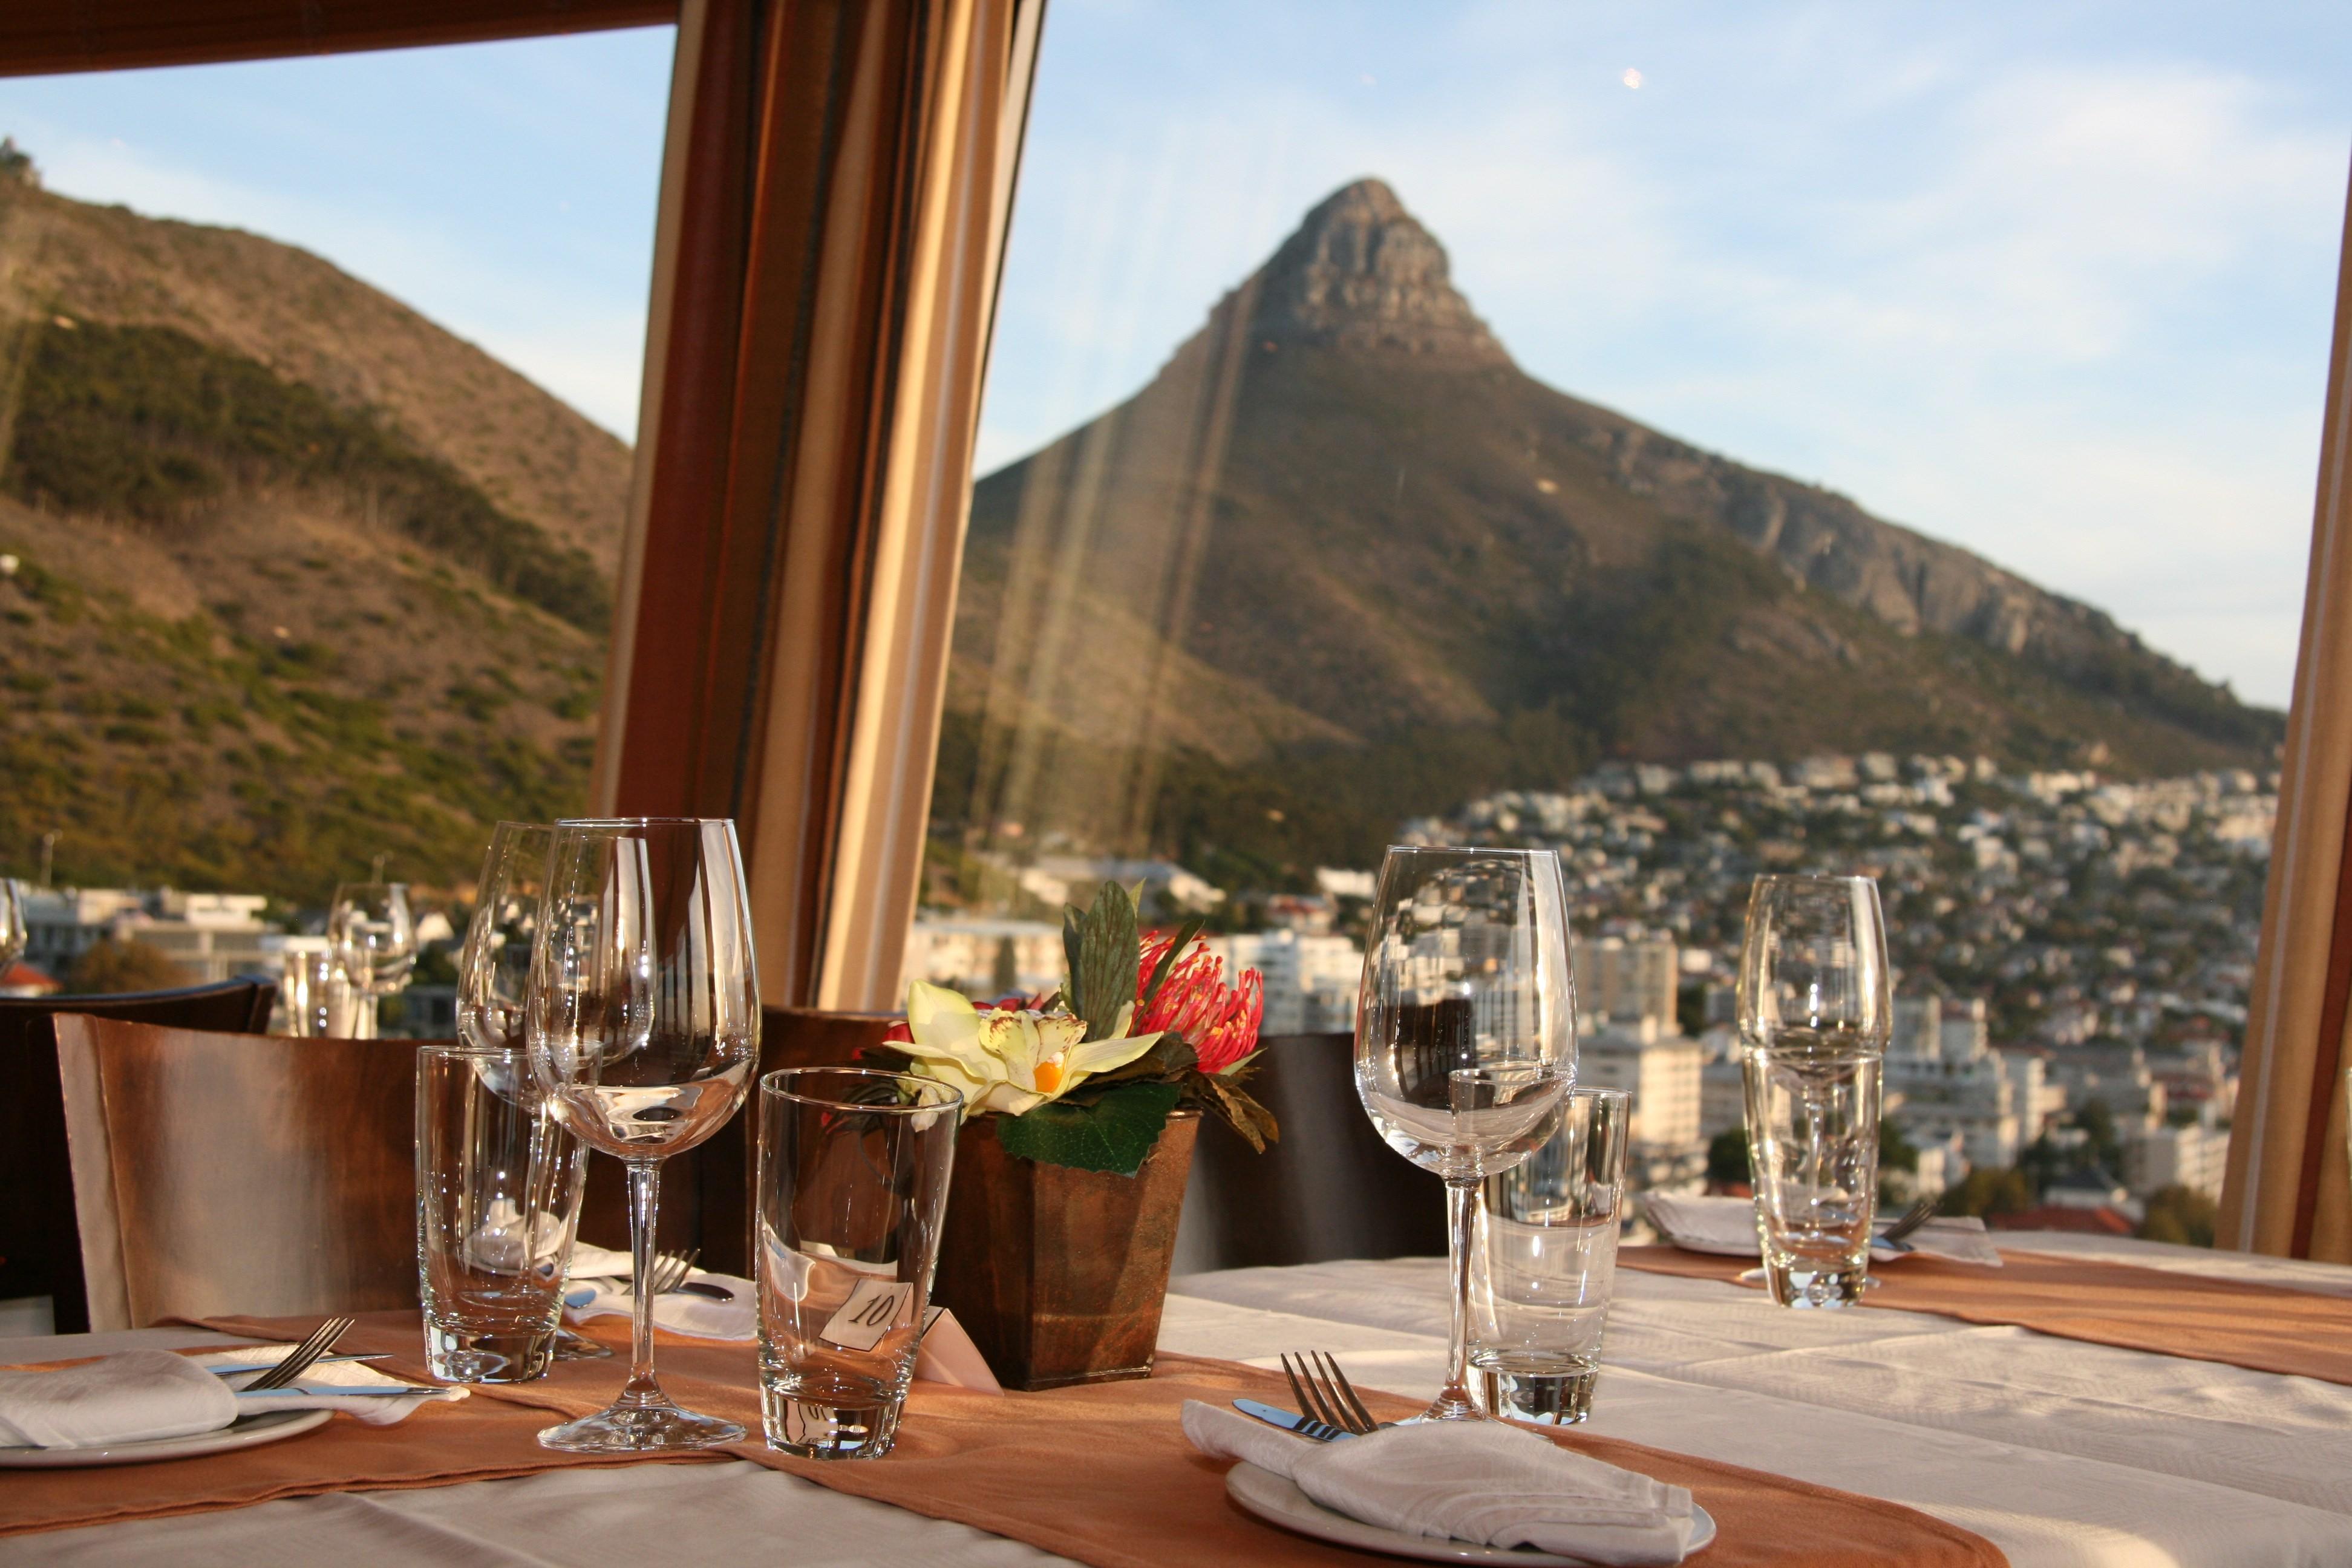 Worlds Top Revolving Restaurants CNN Travel - Table mountain casino buffet menu